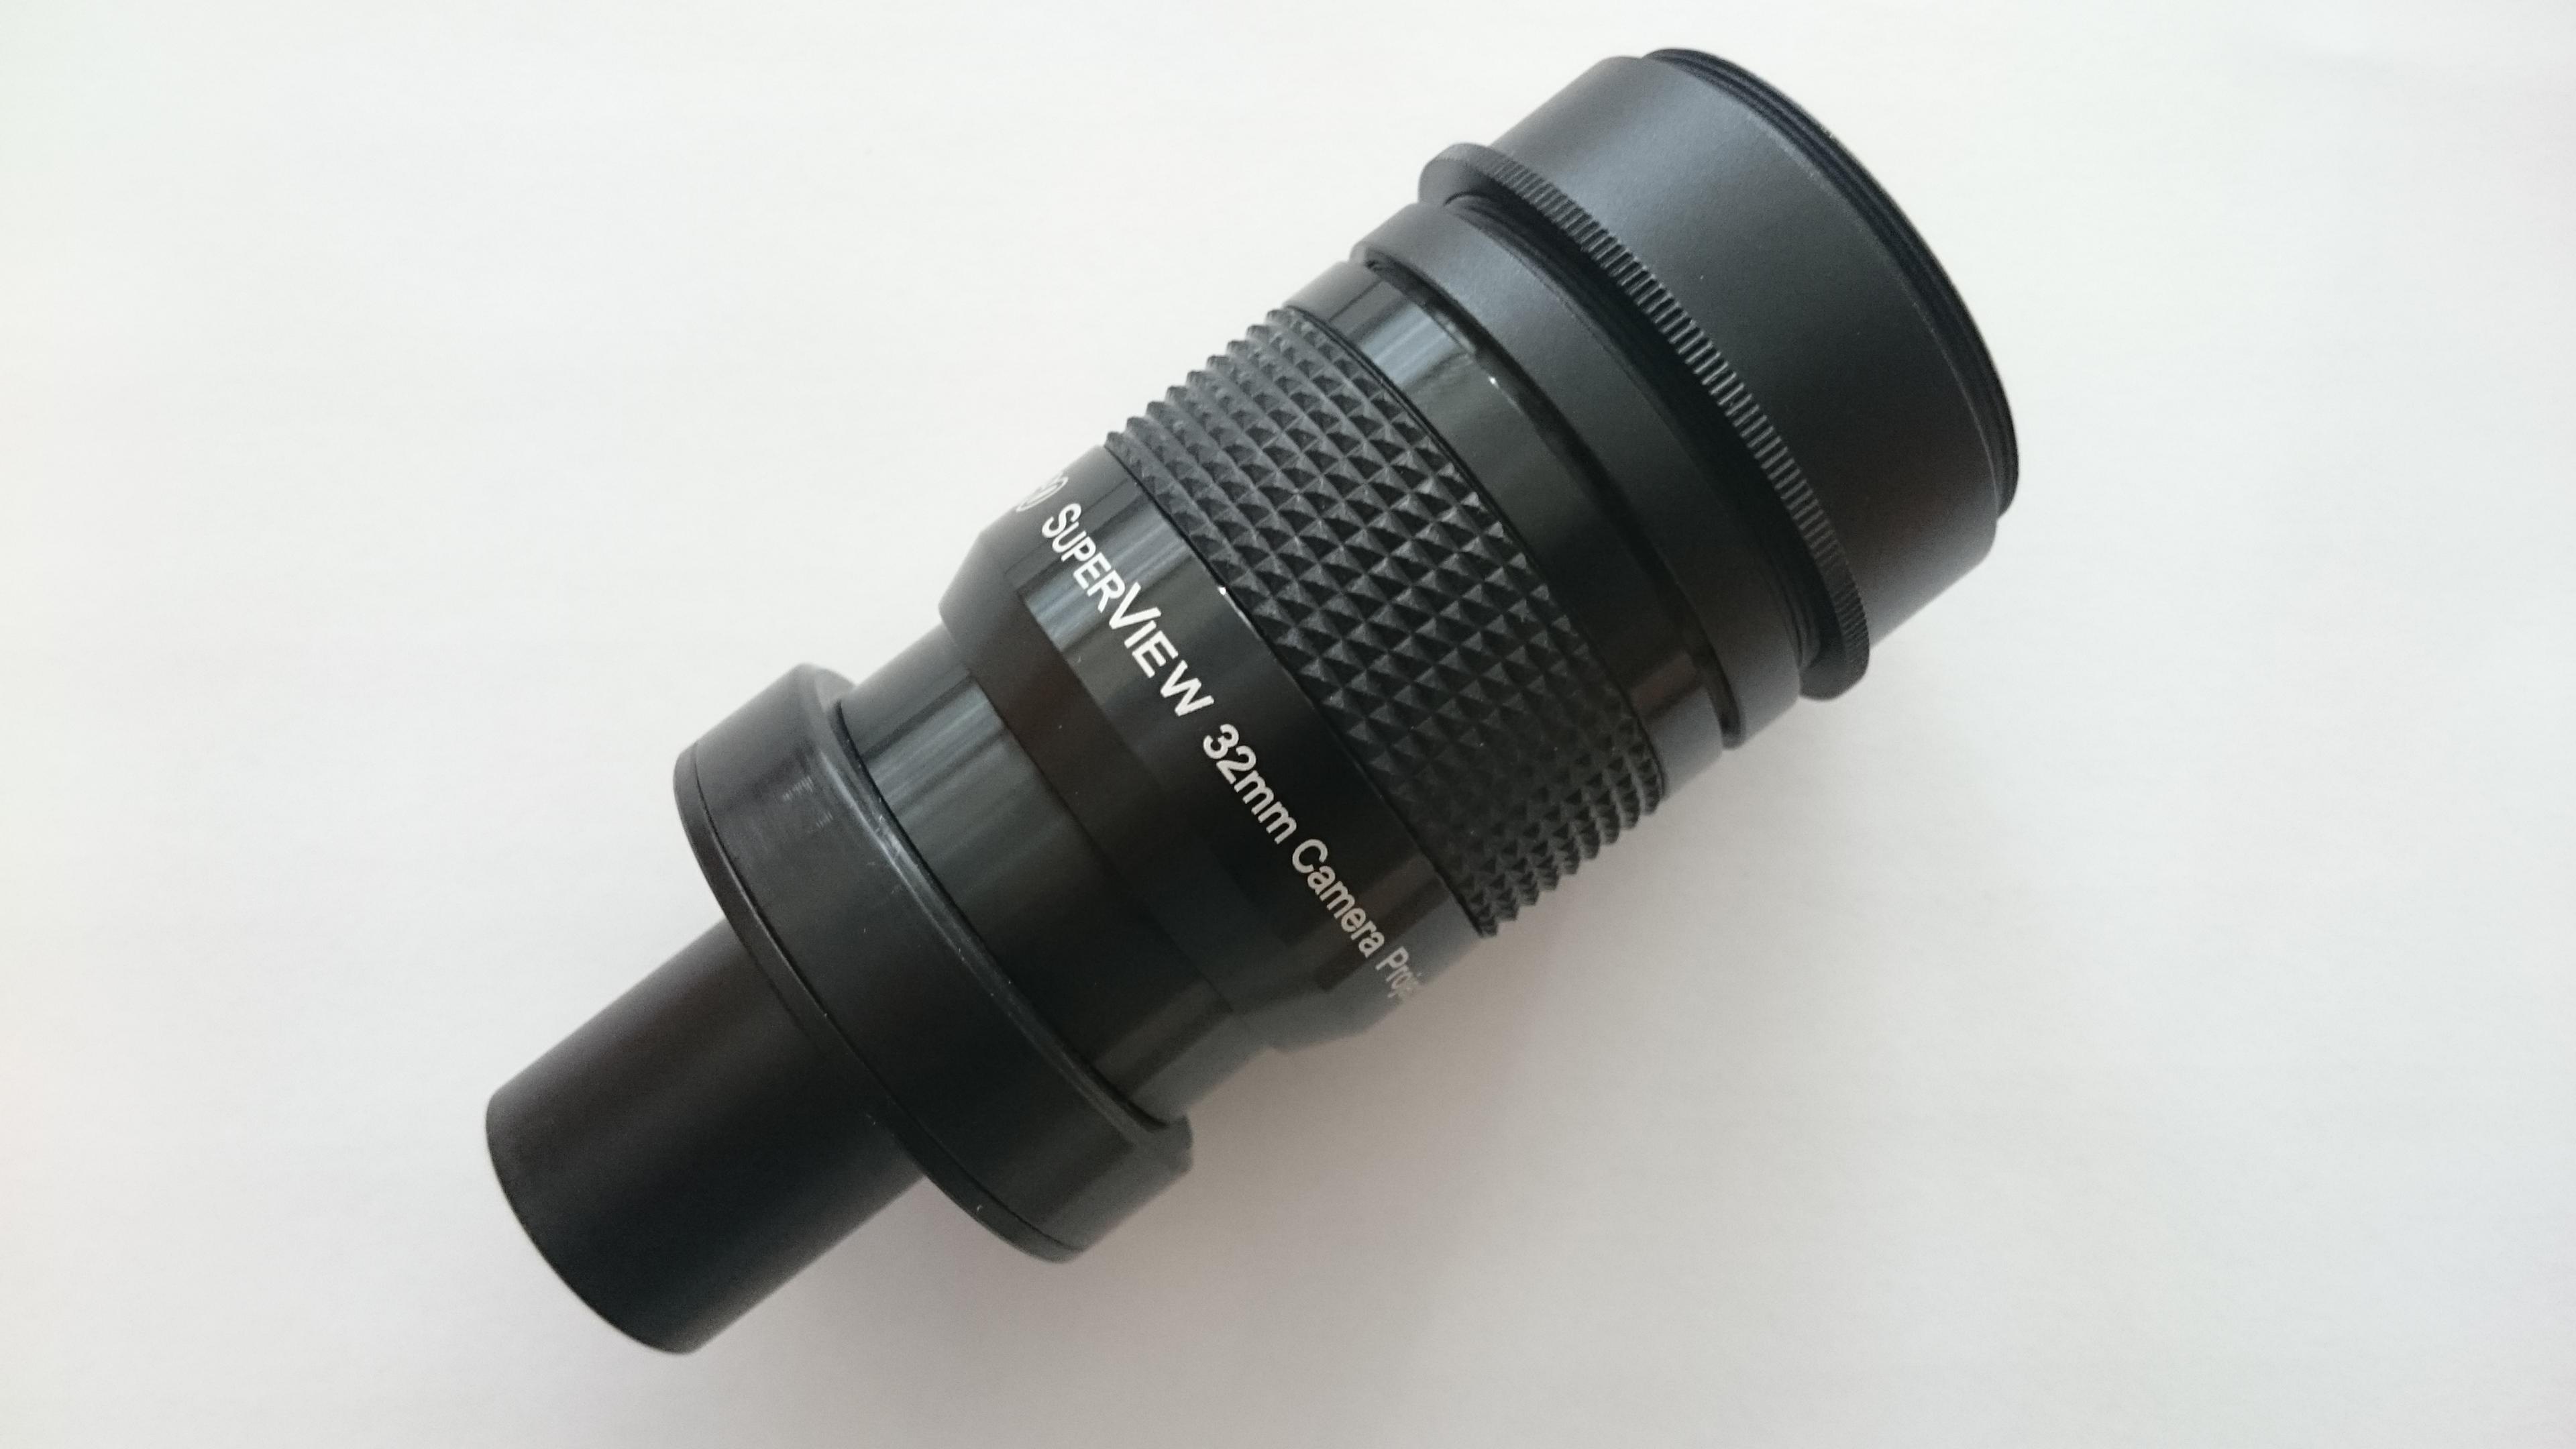 Besten teleskope und ferngläser foto und camcorder bilder auf